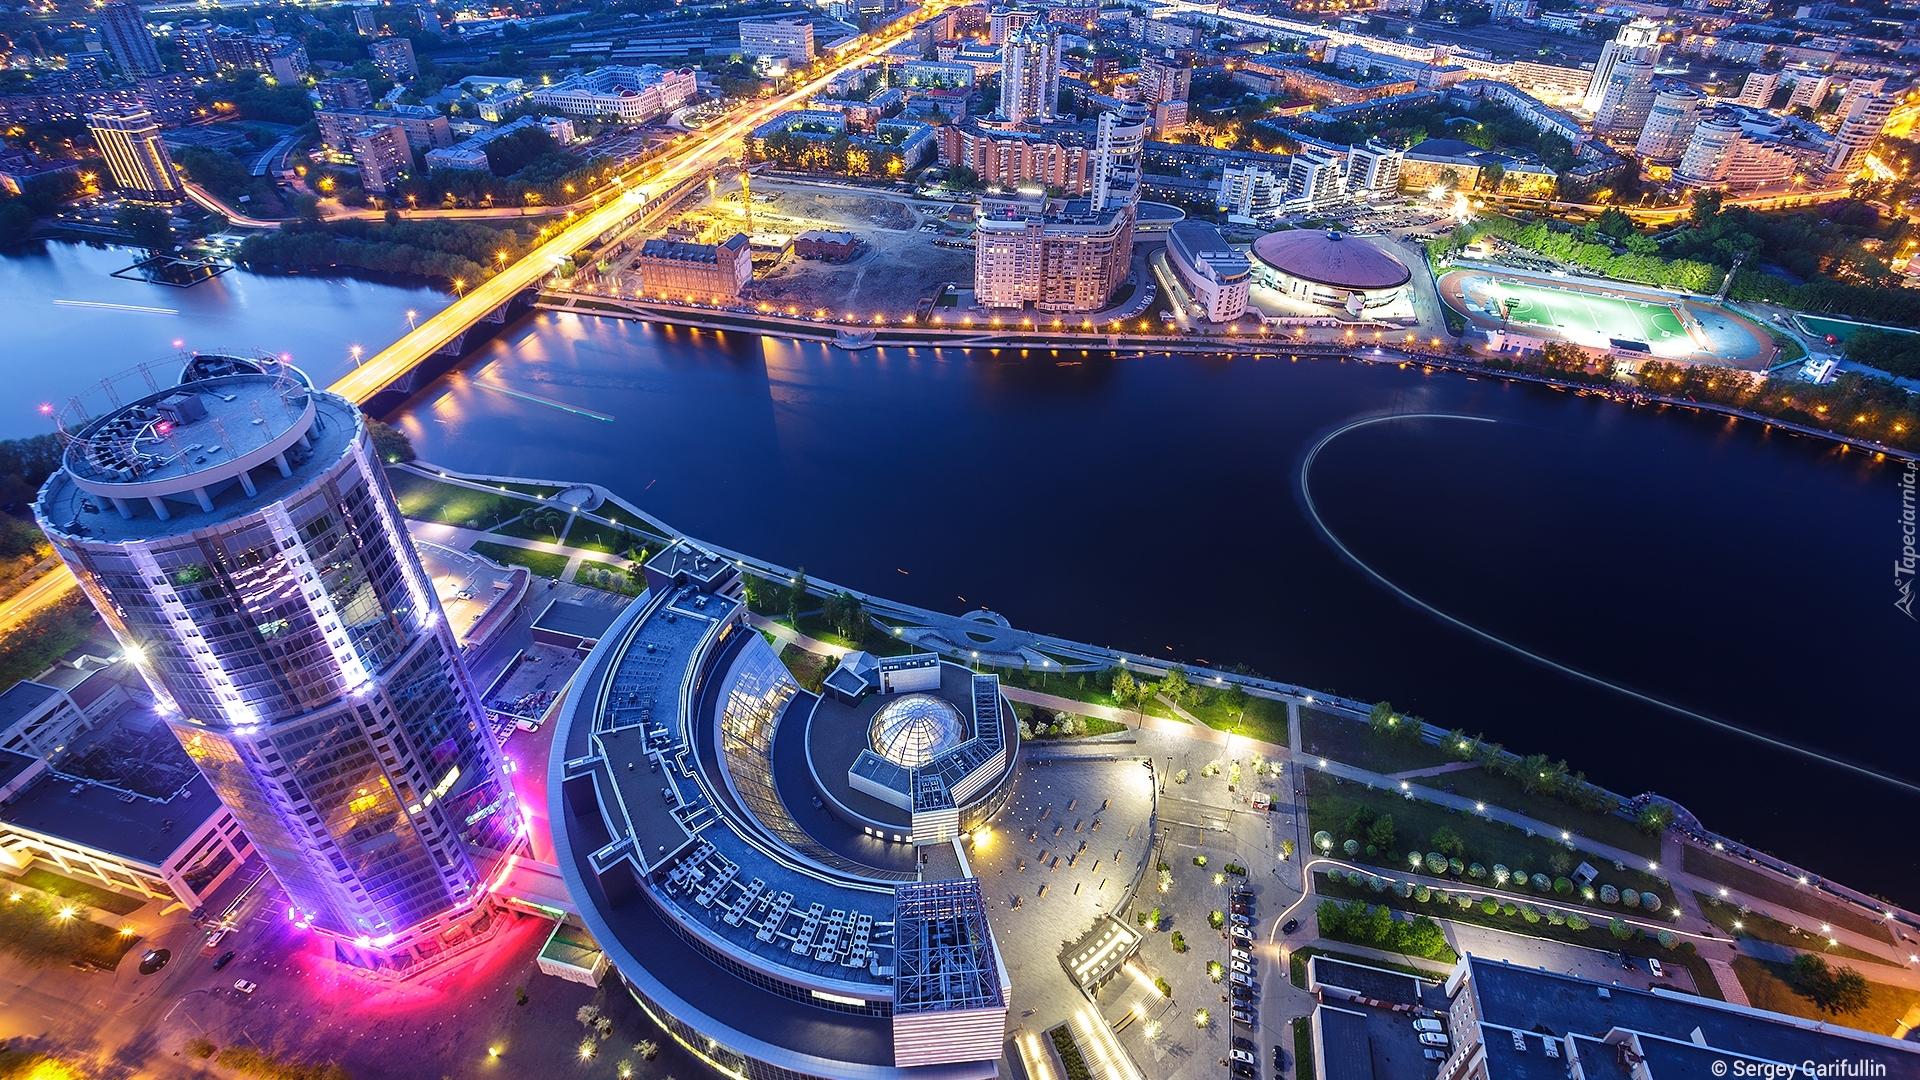 18 октября в Свердловской области узнают имя лучшего водителя такси: дата и расписание